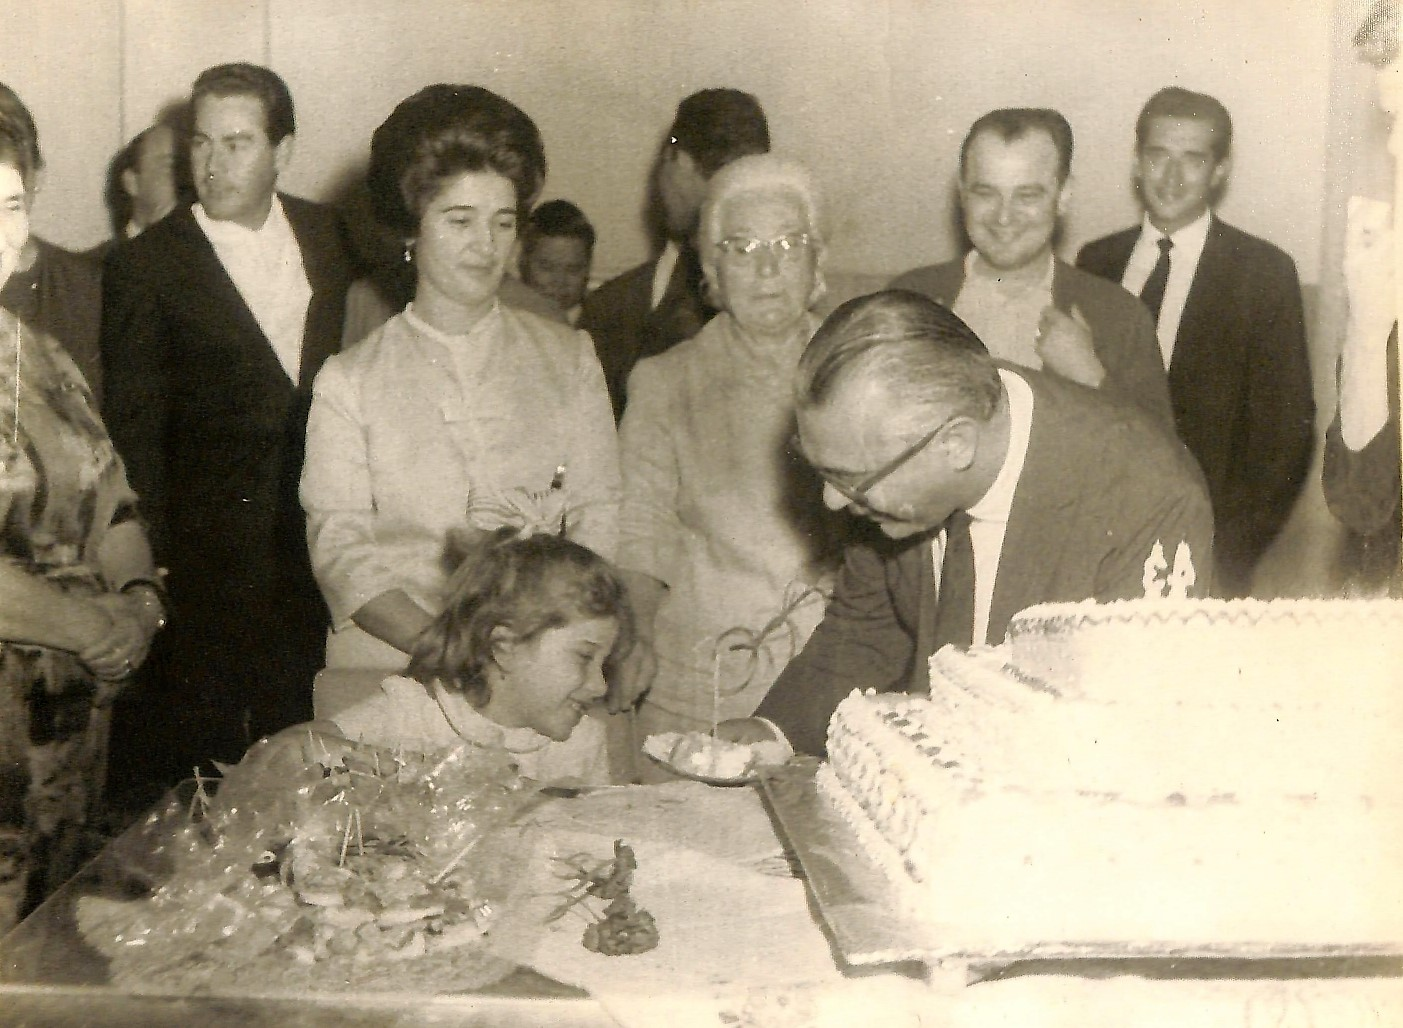 Festa de aniversário de JP - 1964